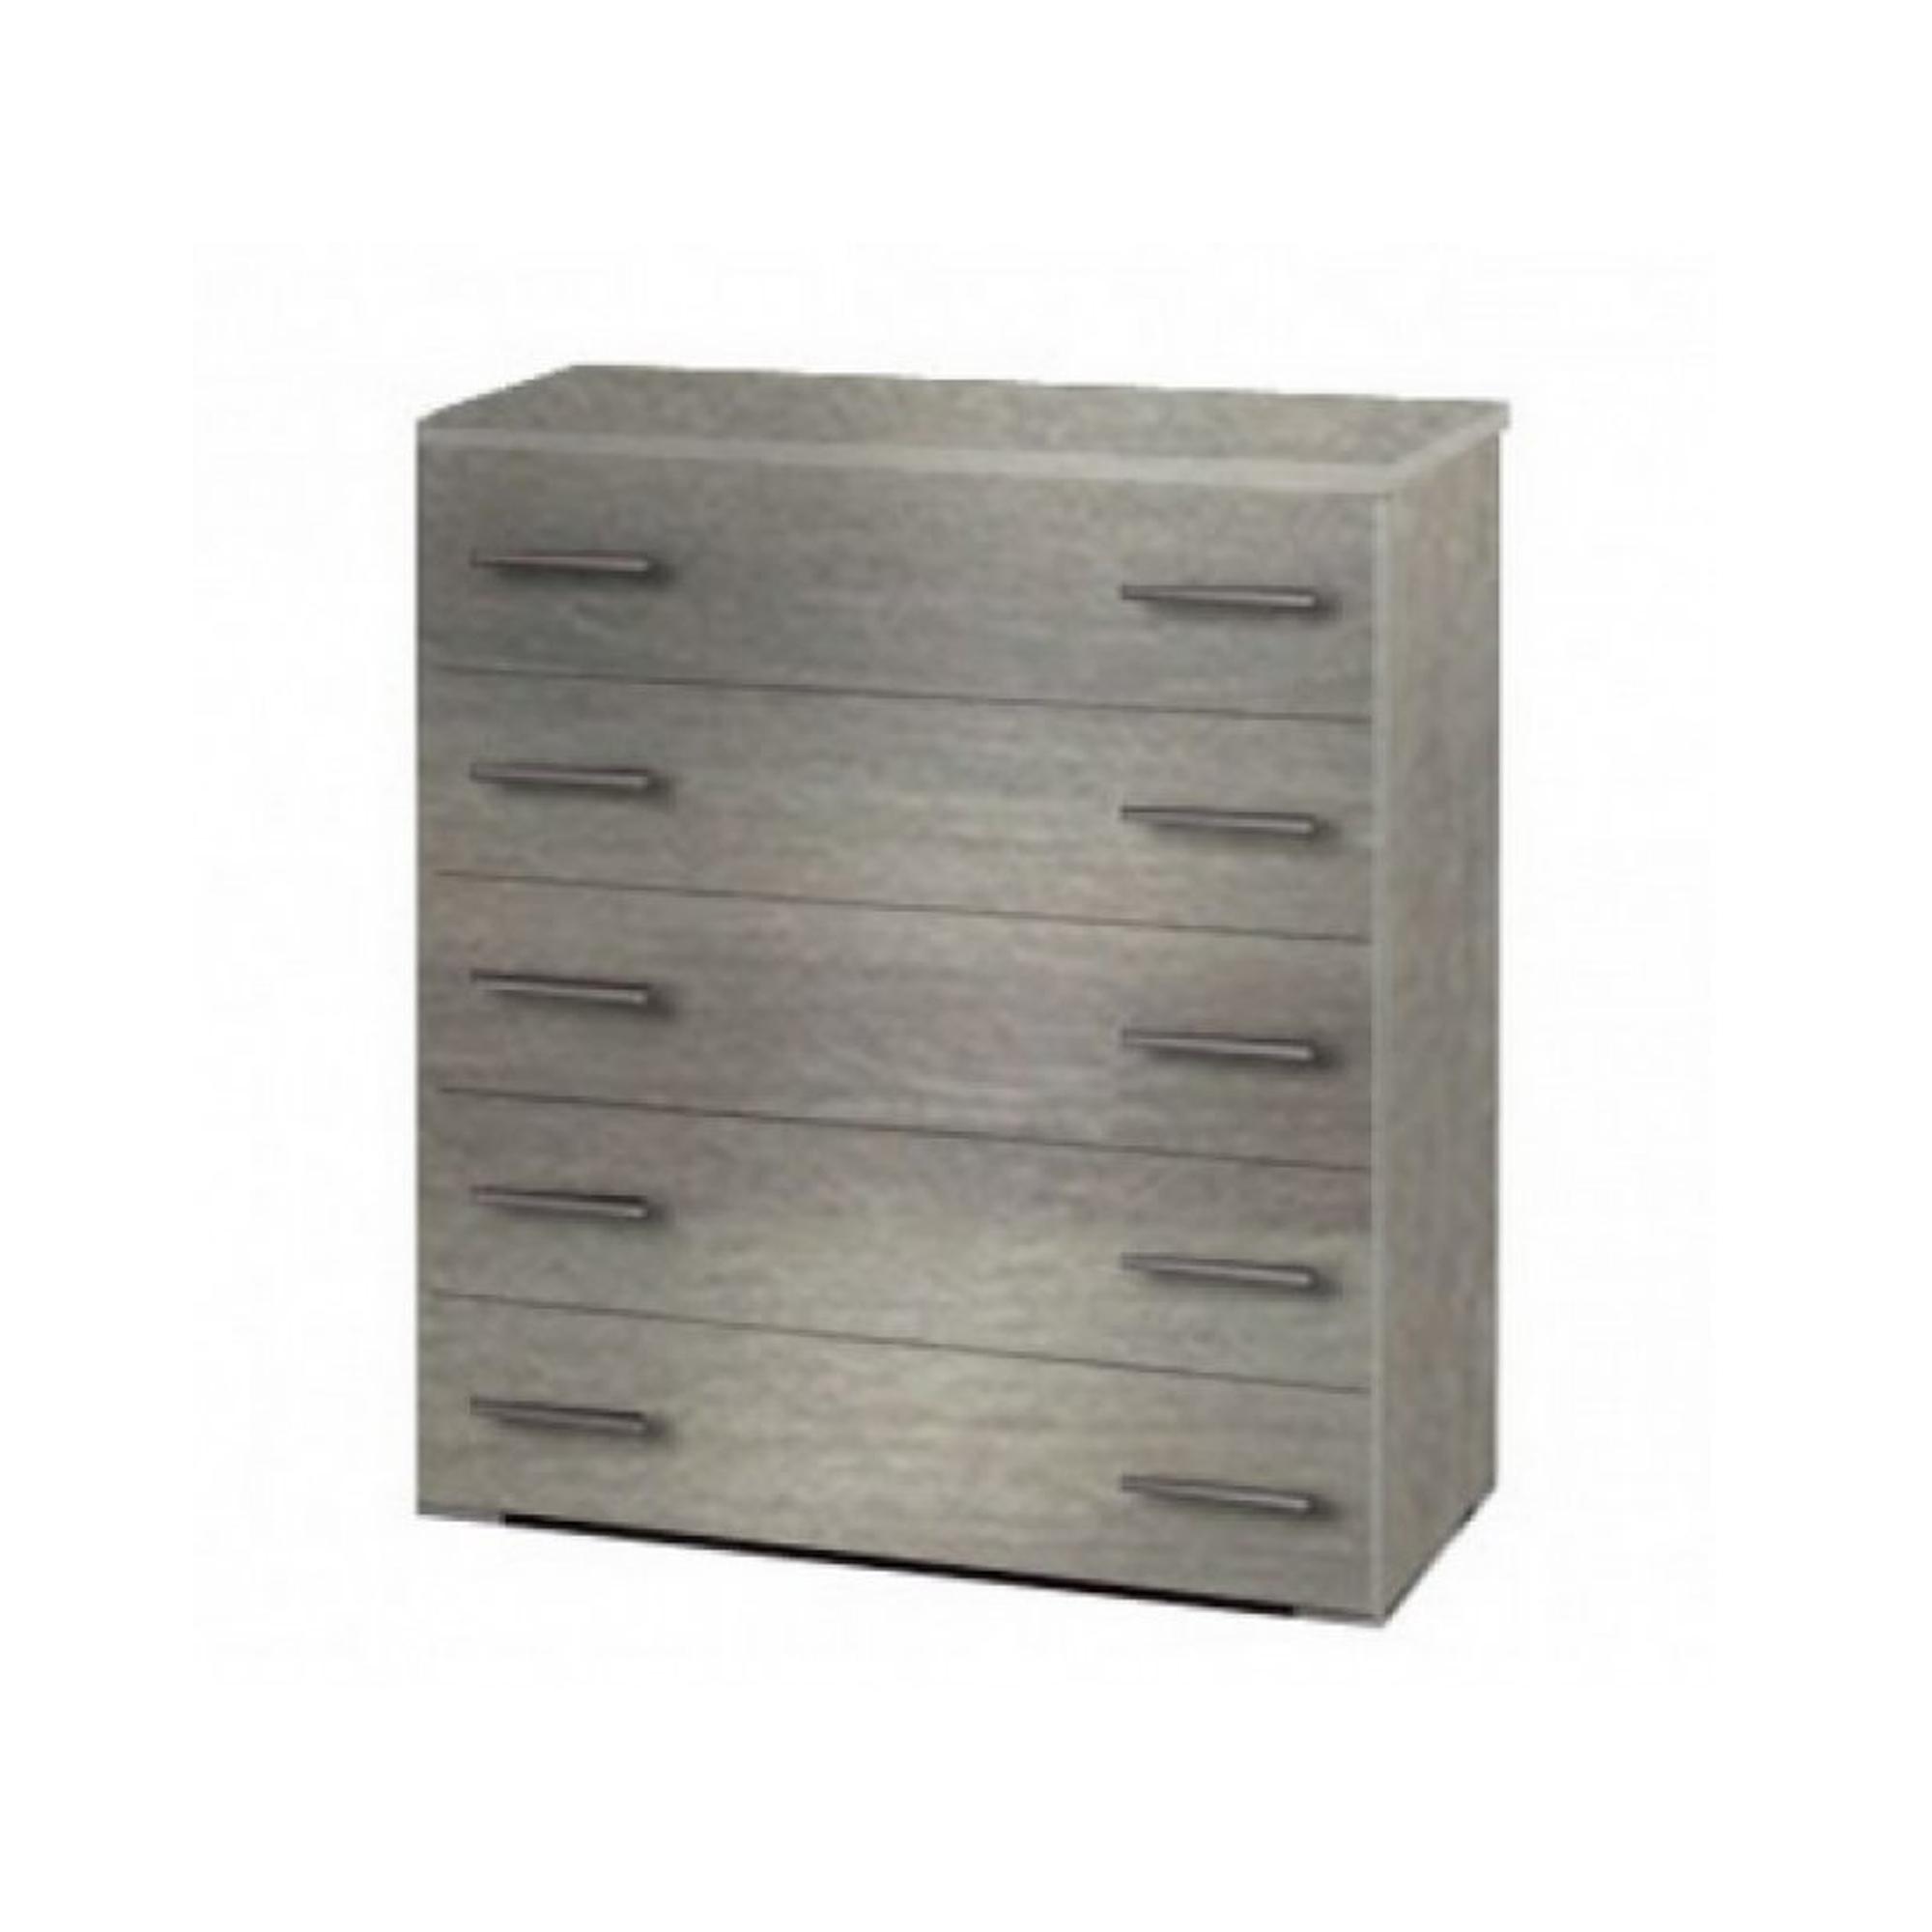 Συρταριέρα με 5 συρτάρια σε χρώμα σταχτί 80x45x90